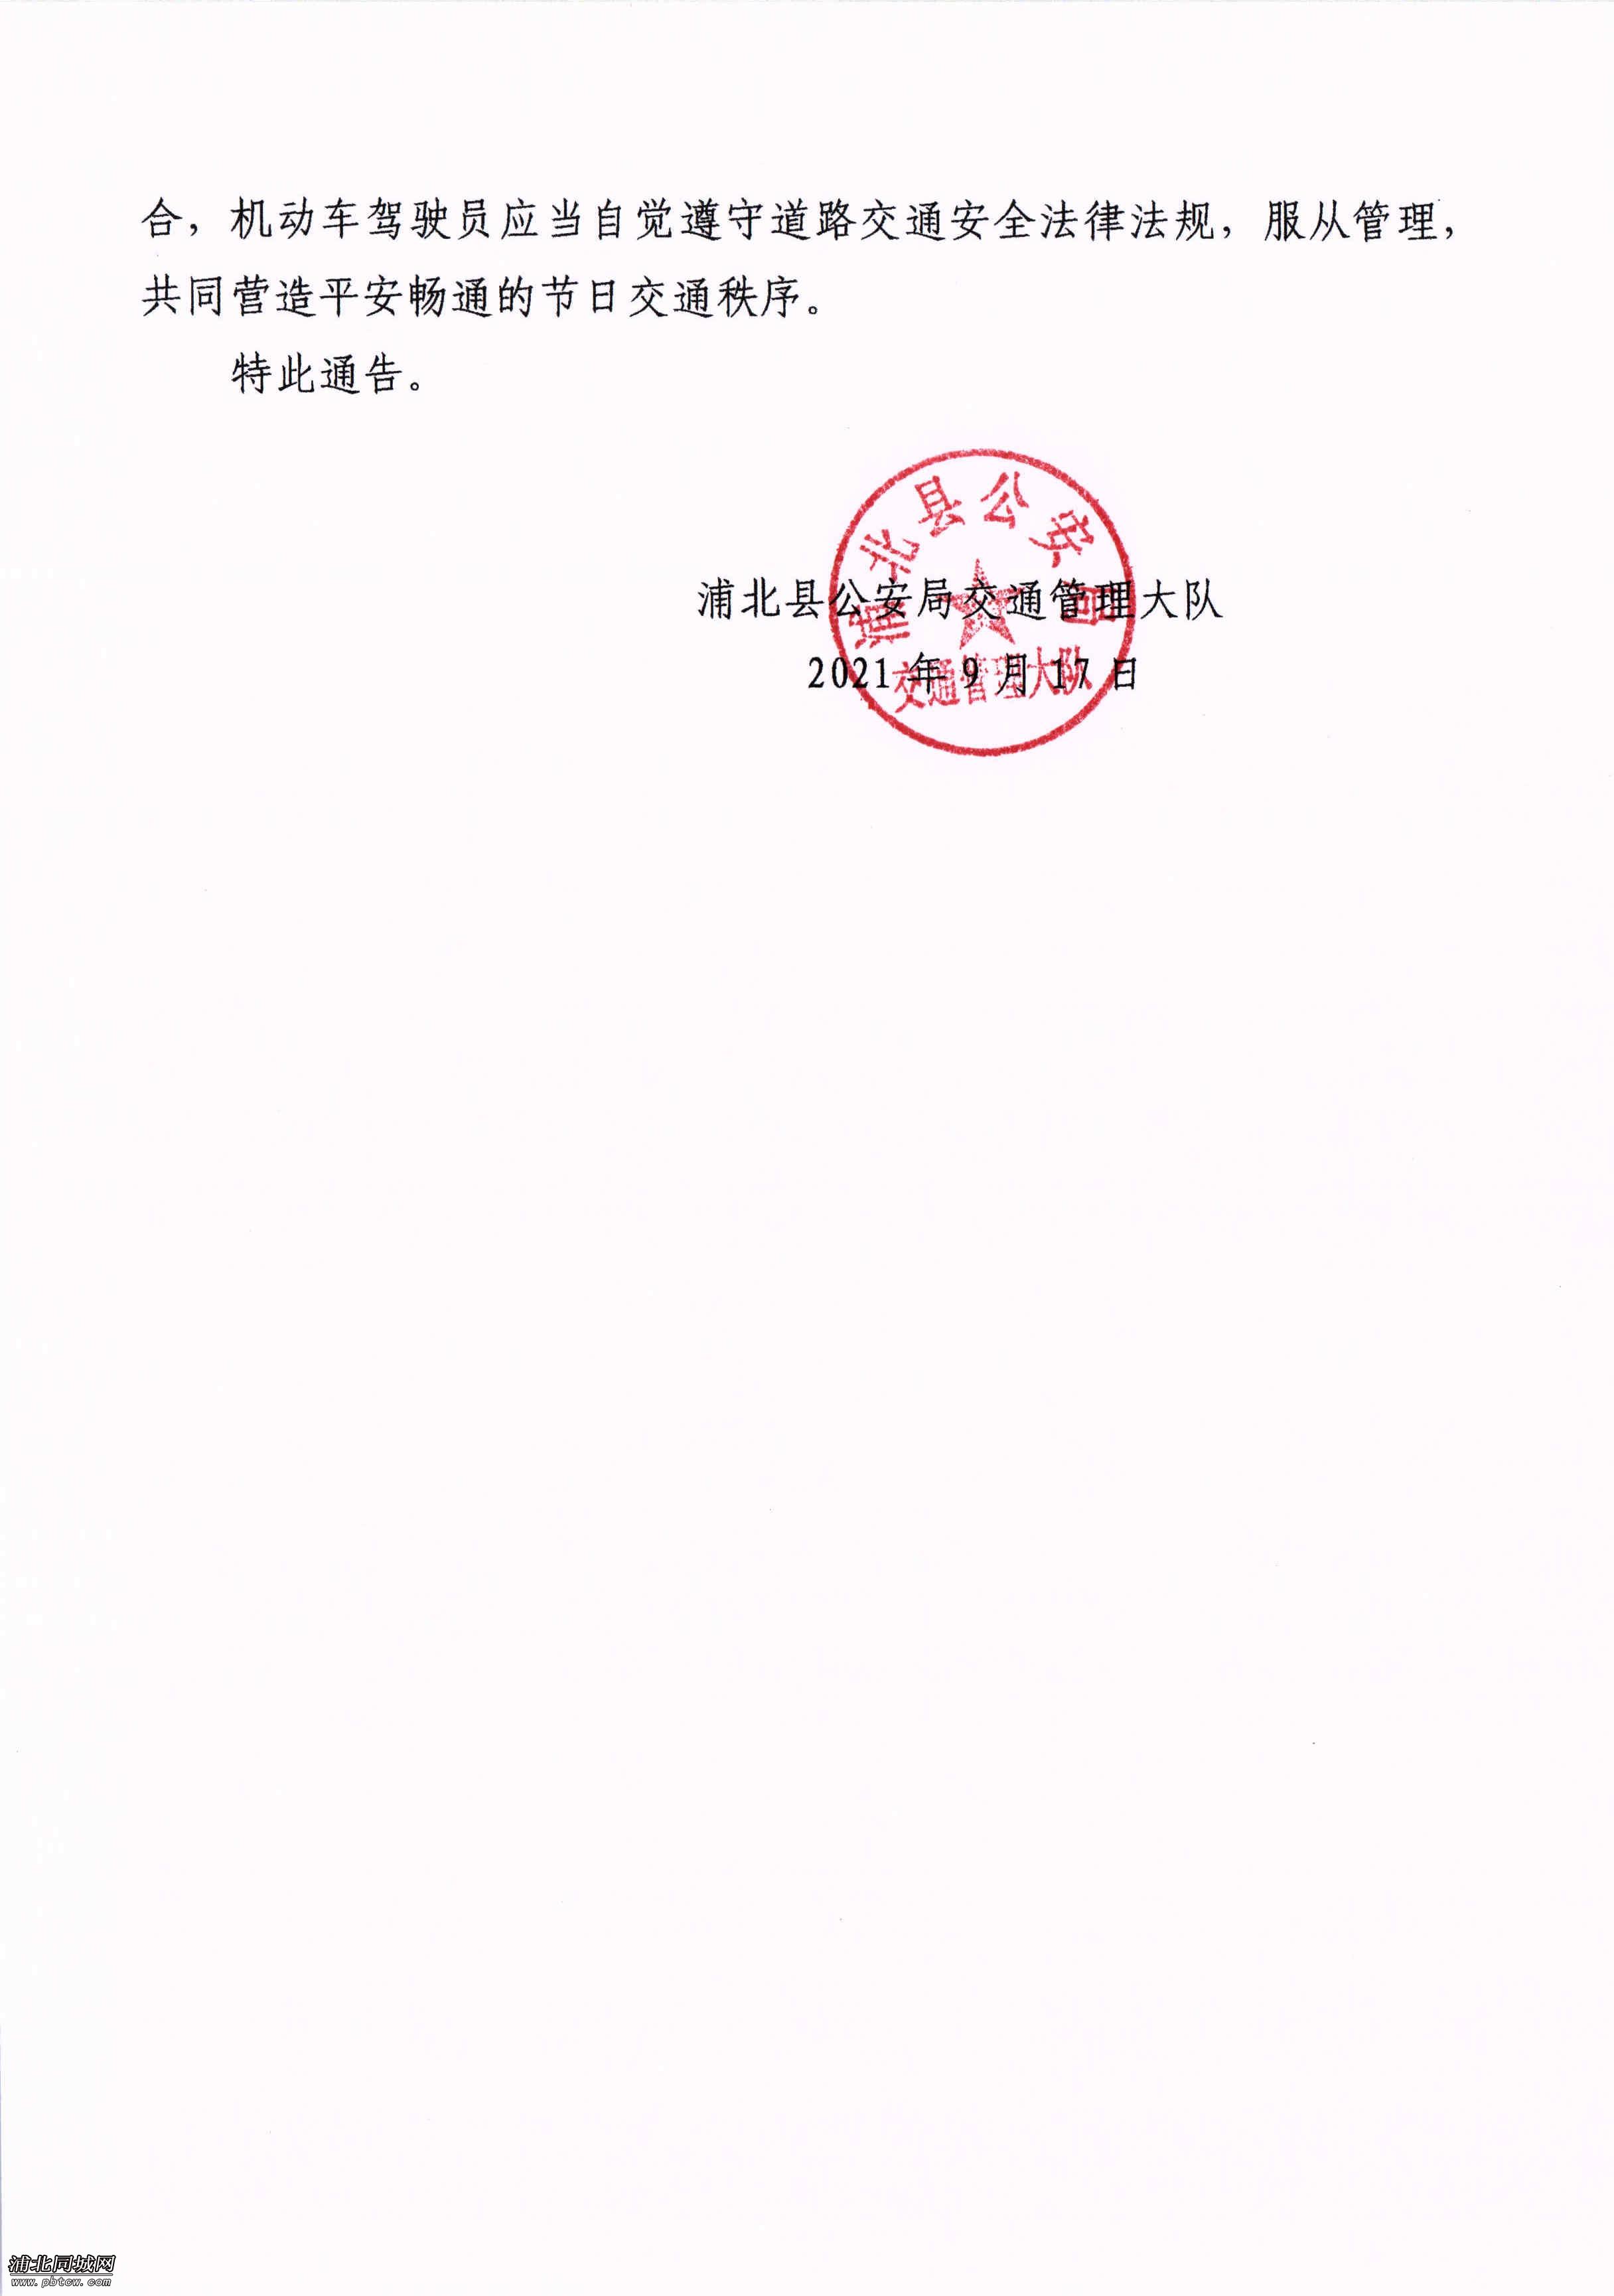 """关于""""岭头节""""期间在全县开展道路交通安全大整治的通告 (2).jpg"""